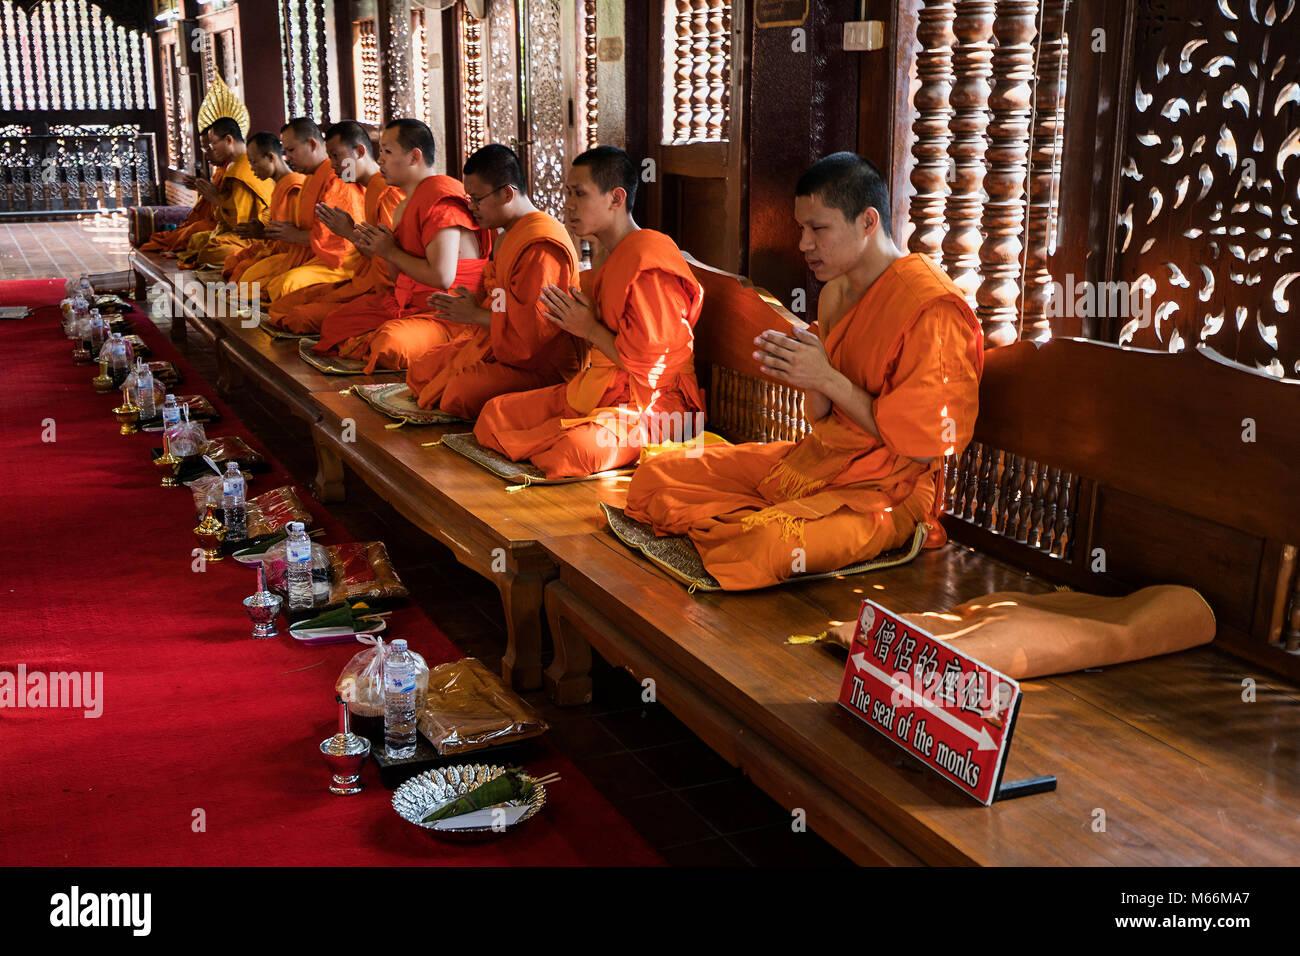 Singen thailändische Mönche im Wat Lok Moli - traditionell viele junge Thai Jungen würden Novizen werden als eine Stockfoto